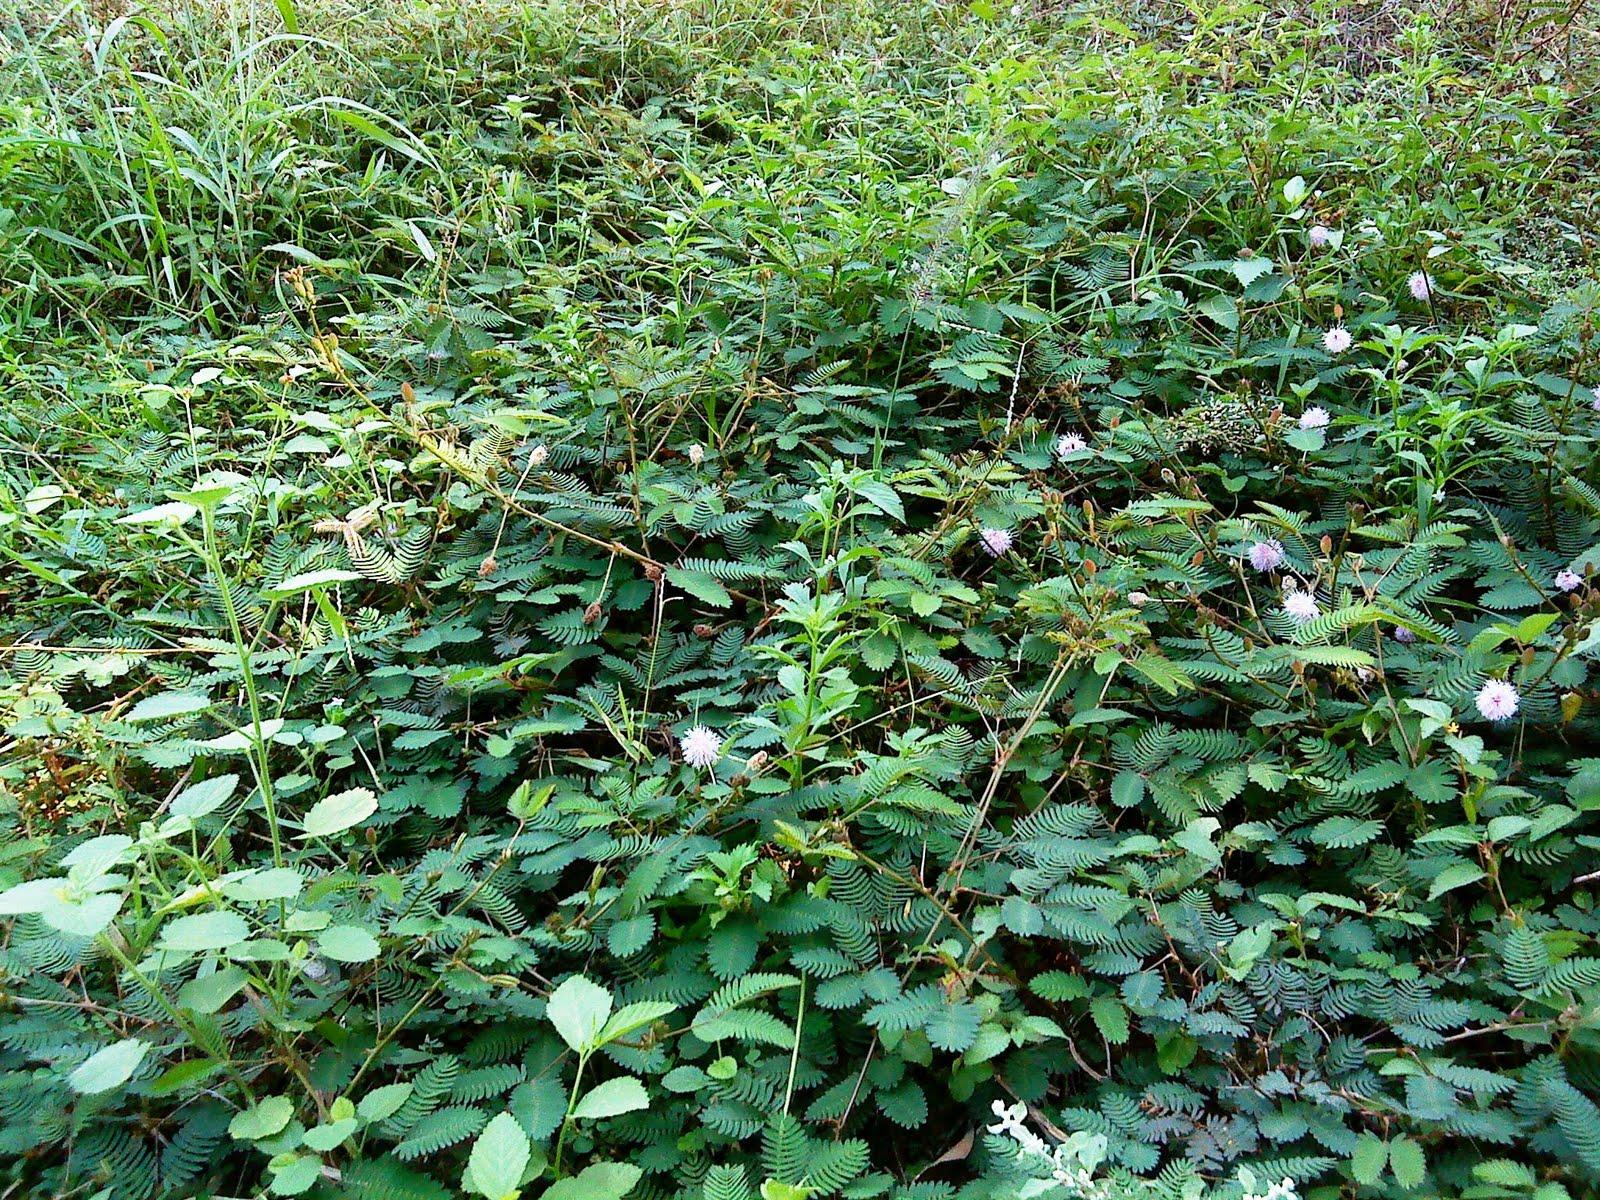 http://3.bp.blogspot.com/_bBqysXGhPys/S7Fj634ItVI/AAAAAAAABlU/VsB9xOiu31I/s1600/mimosa%2Bin%2Bcommunity.JPG